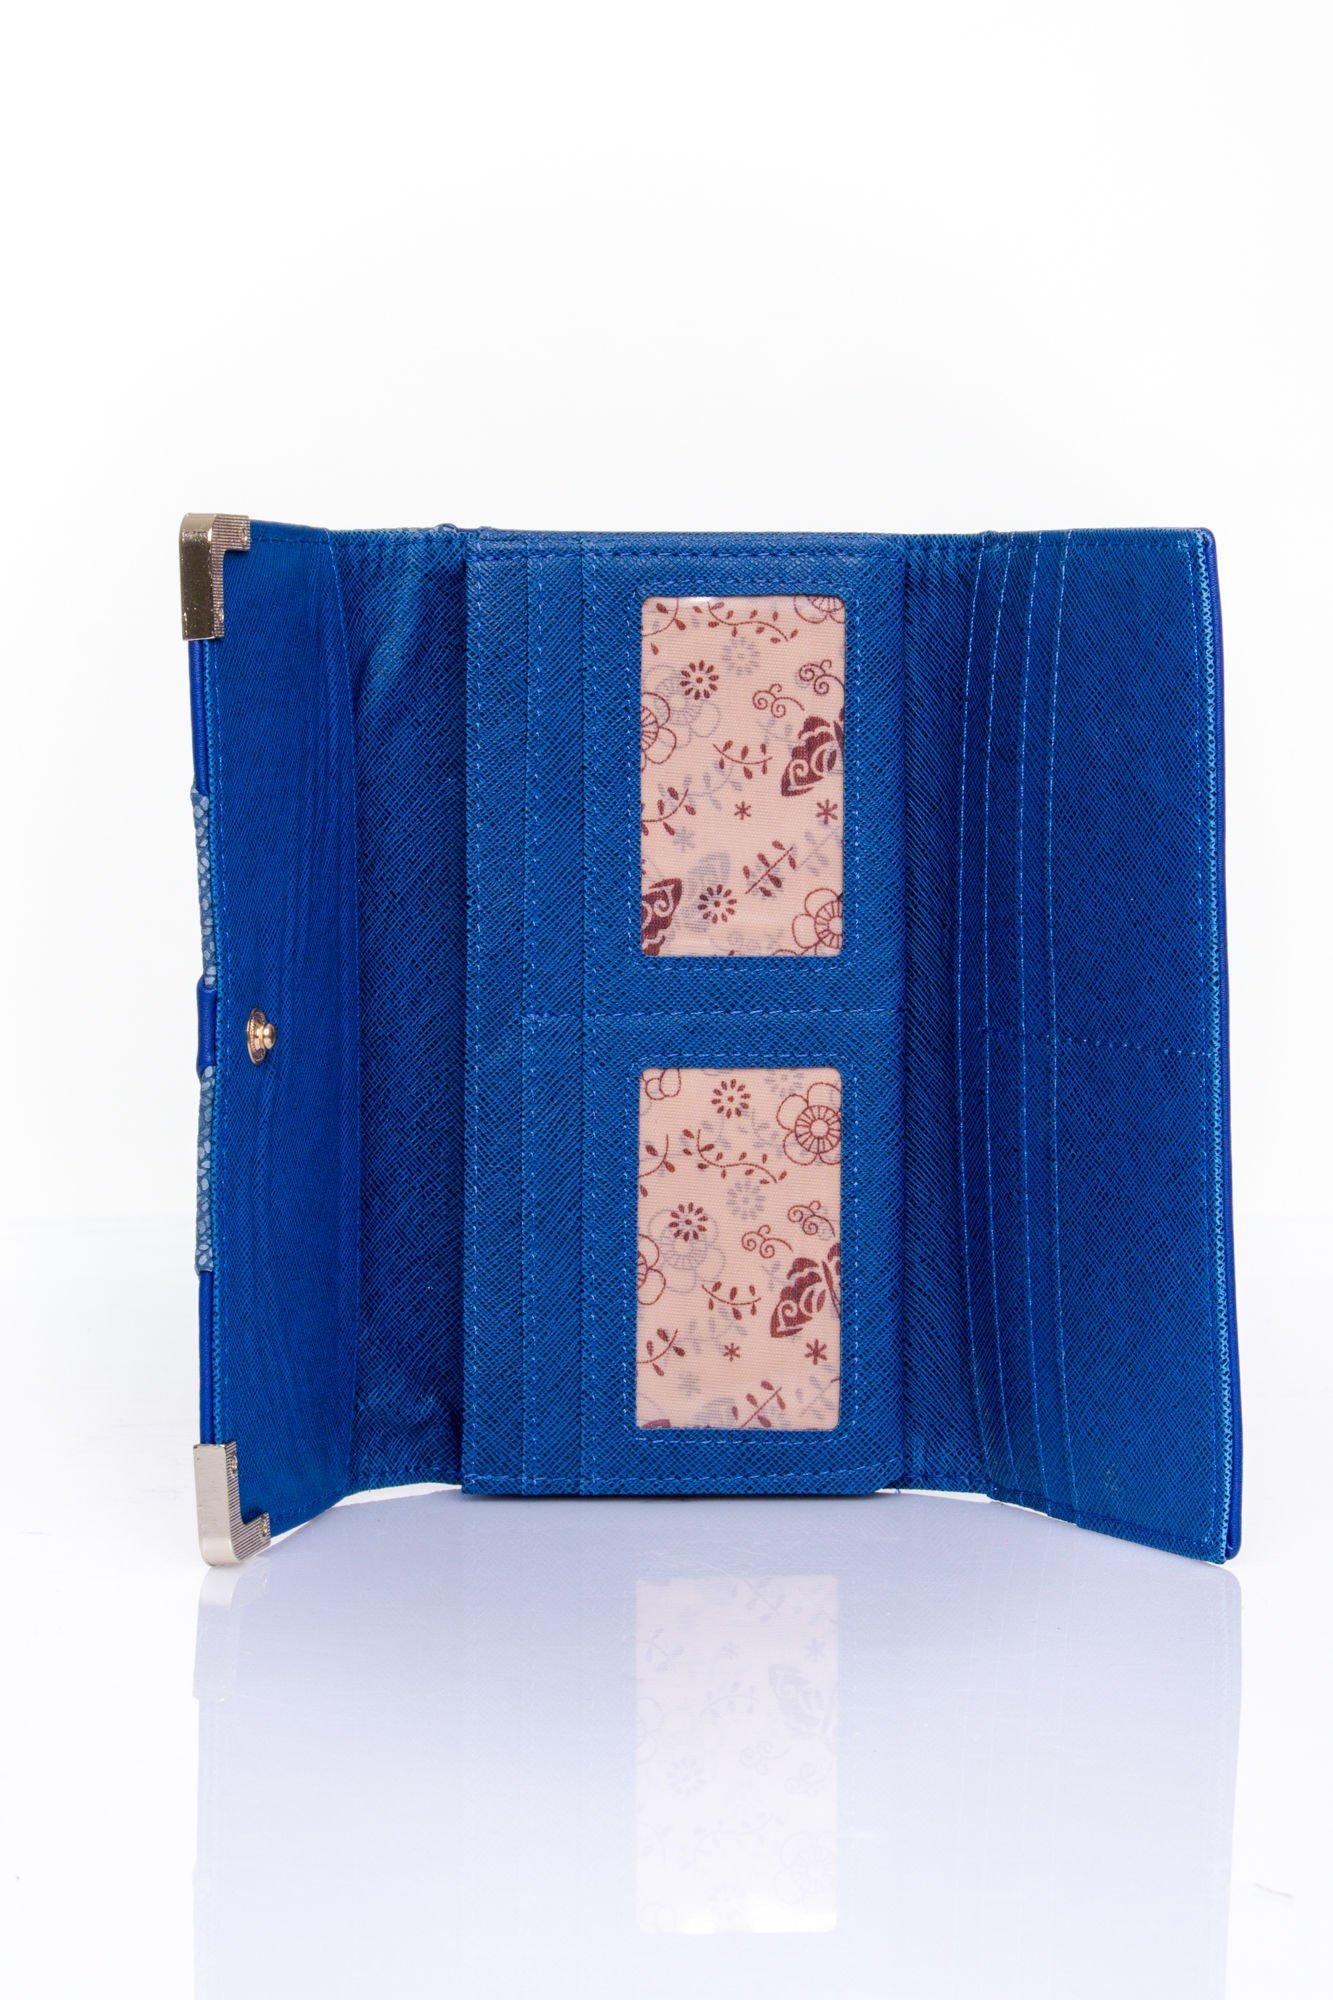 Granatowy portfel z ozdobnym detalem i złotymi okuciami                                  zdj.                                  4